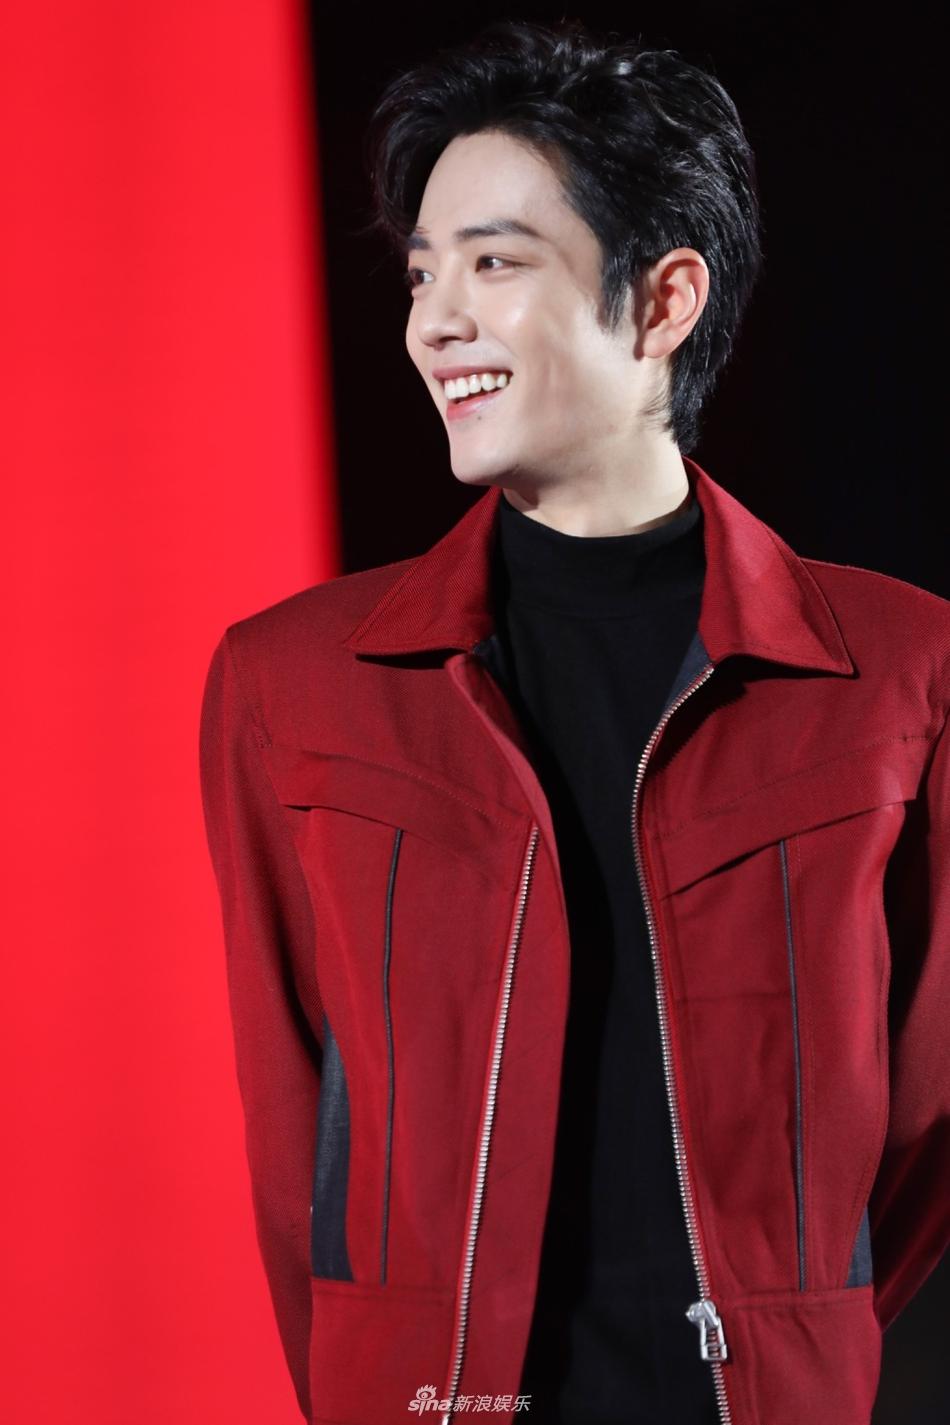 肖战穿红外套对镜甜笑帅气有型 不时抿嘴变表情包显反差萌